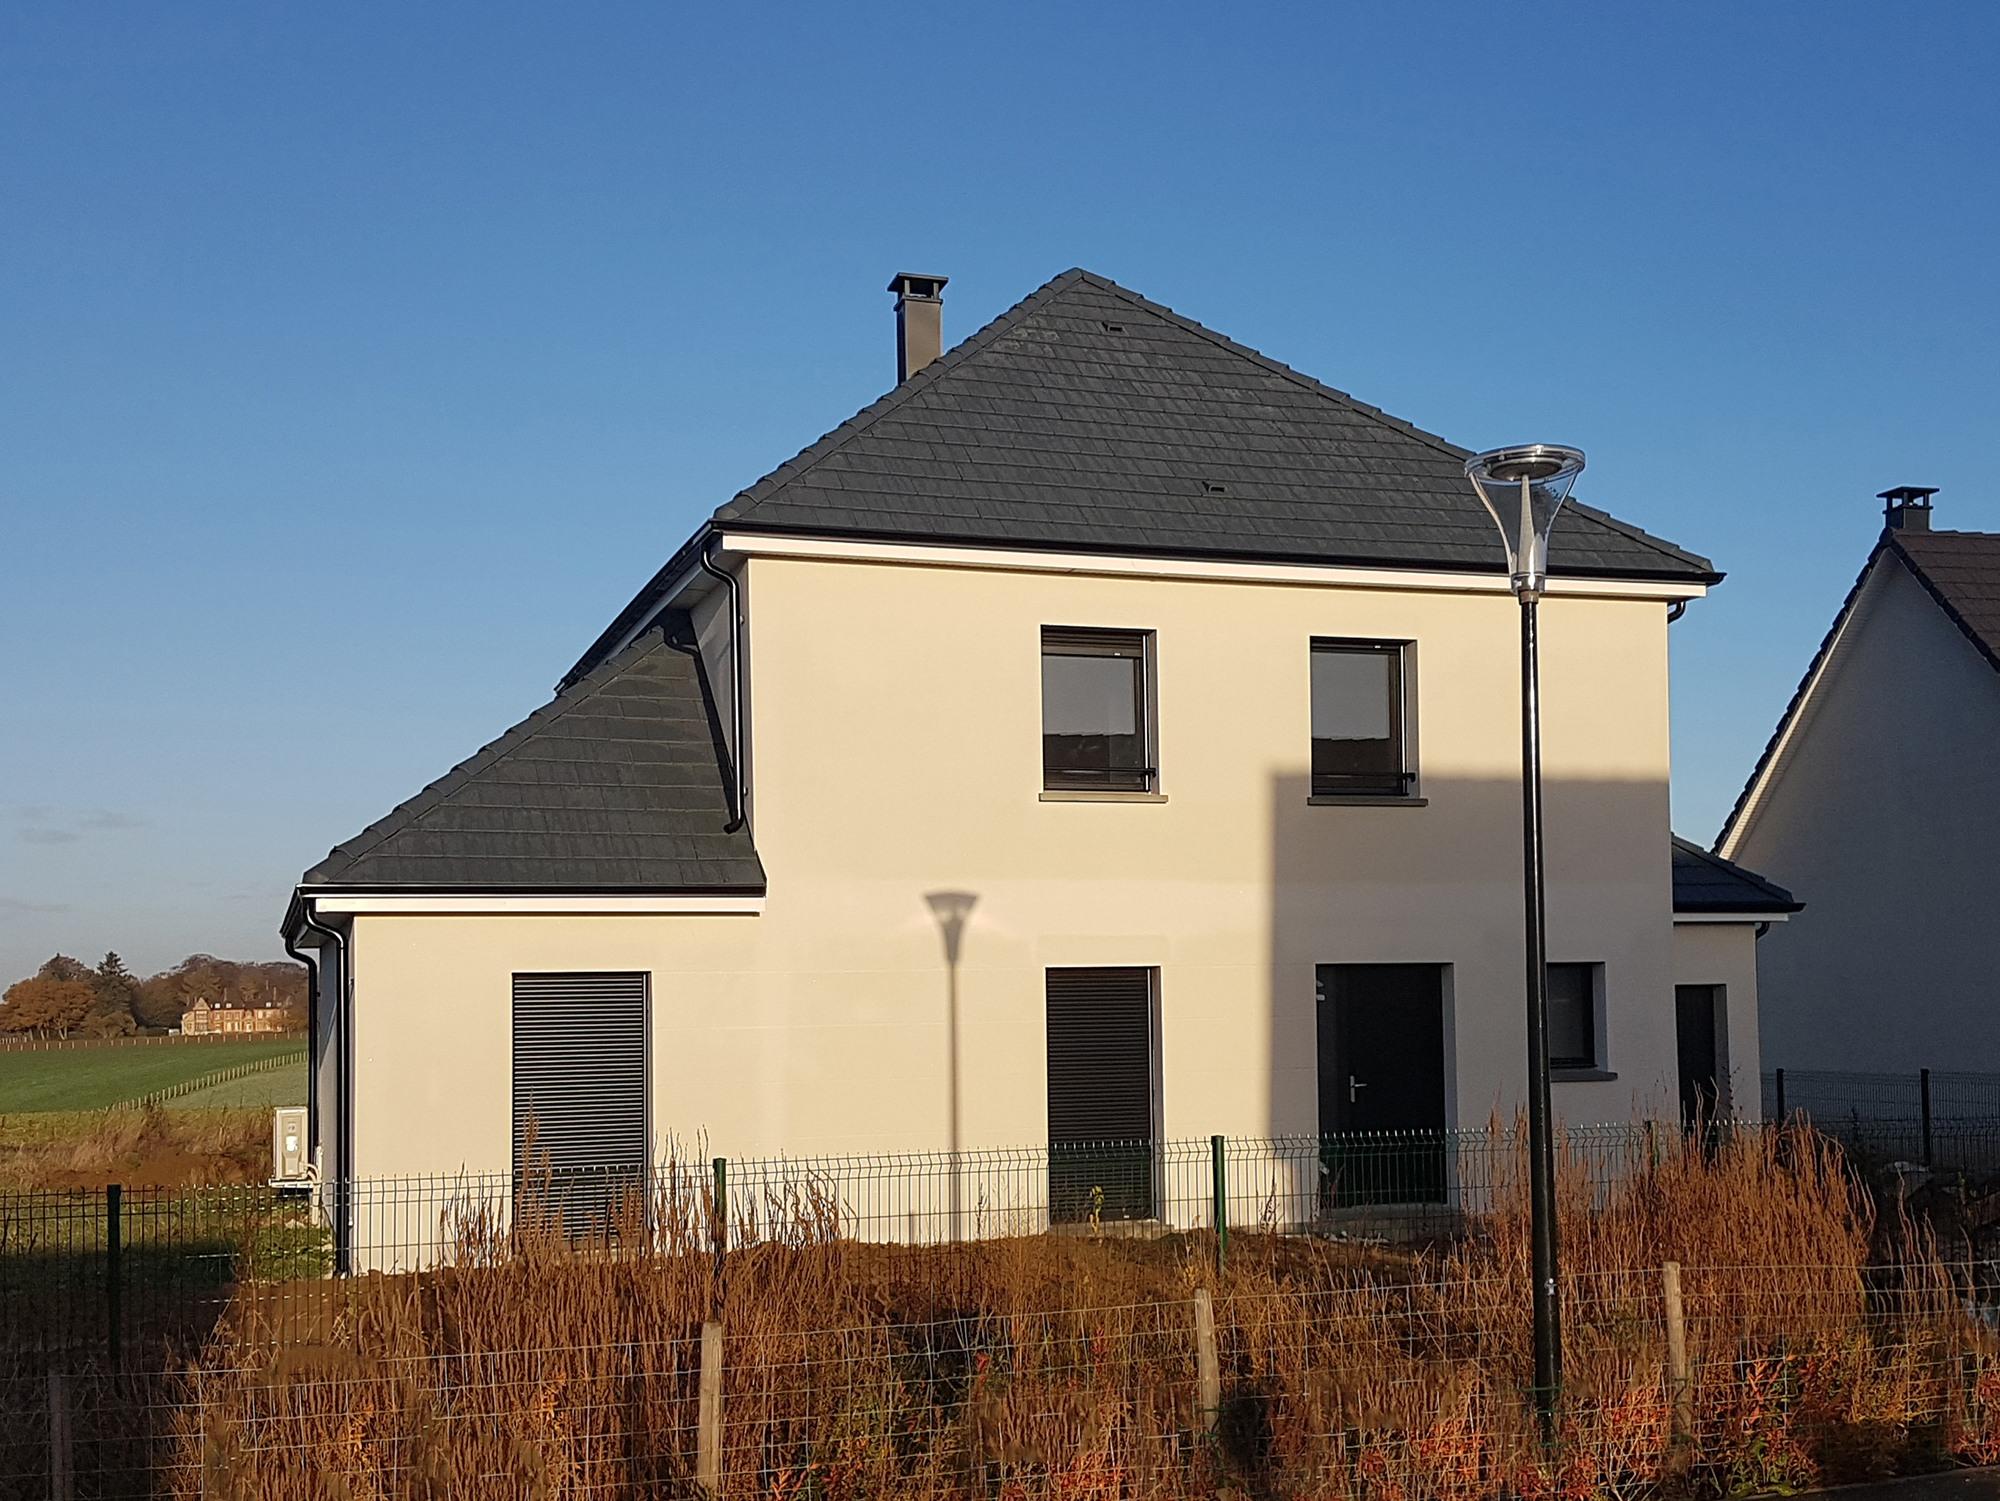 Maisons + Terrains du constructeur MAISON FAMILIALE RENNES • 145 m² • ERCE PRES LIFFRE